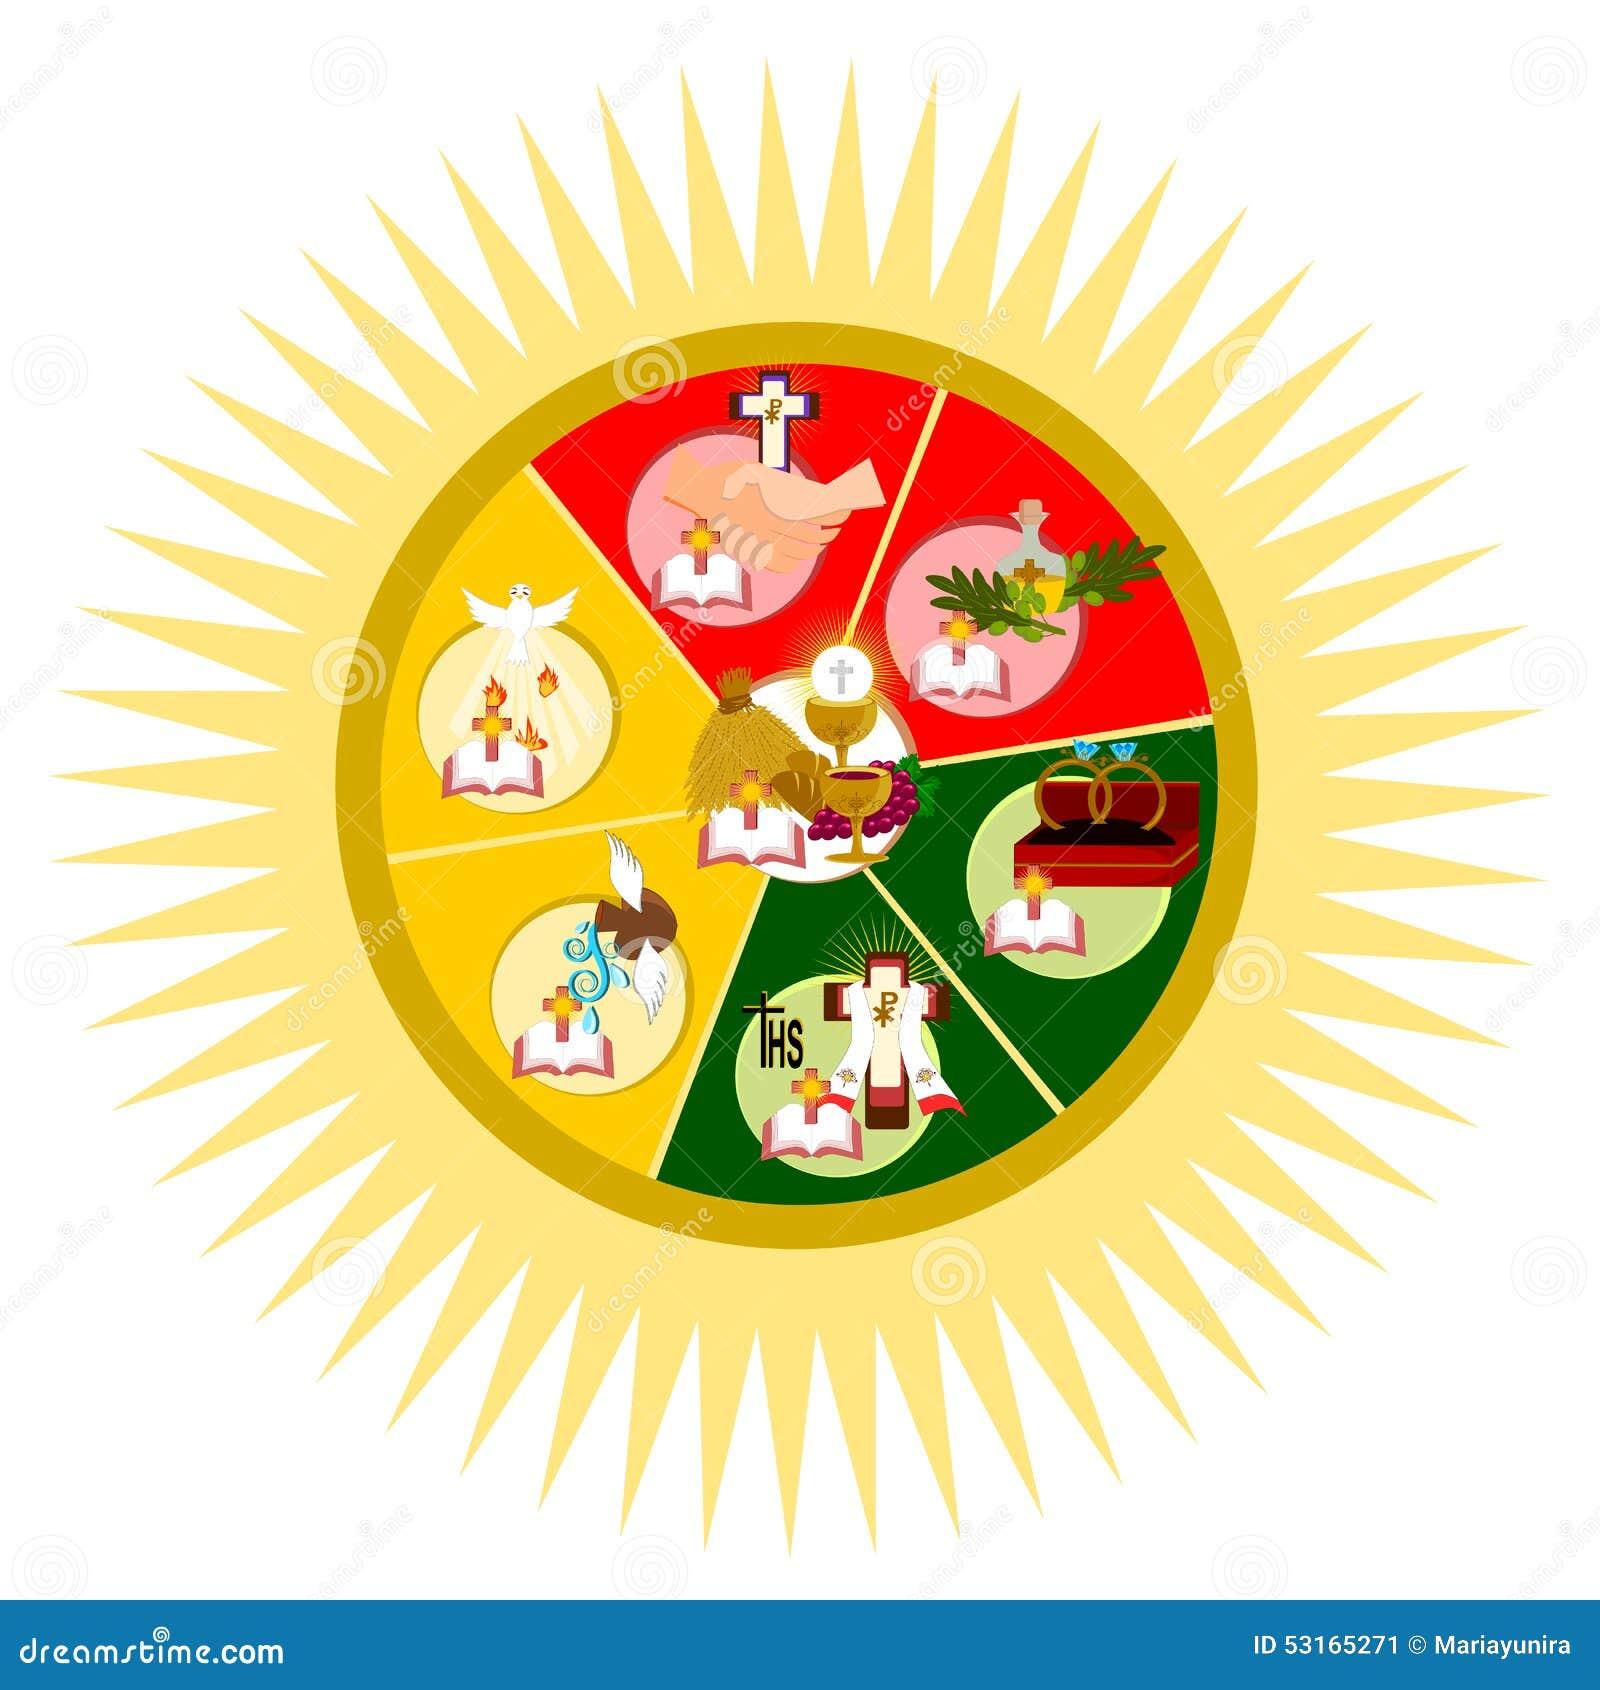 Sacraments stock illustrations 203 sacraments stock sacraments stock illustrations 203 sacraments stock illustrations vectors clipart dreamstime biocorpaavc